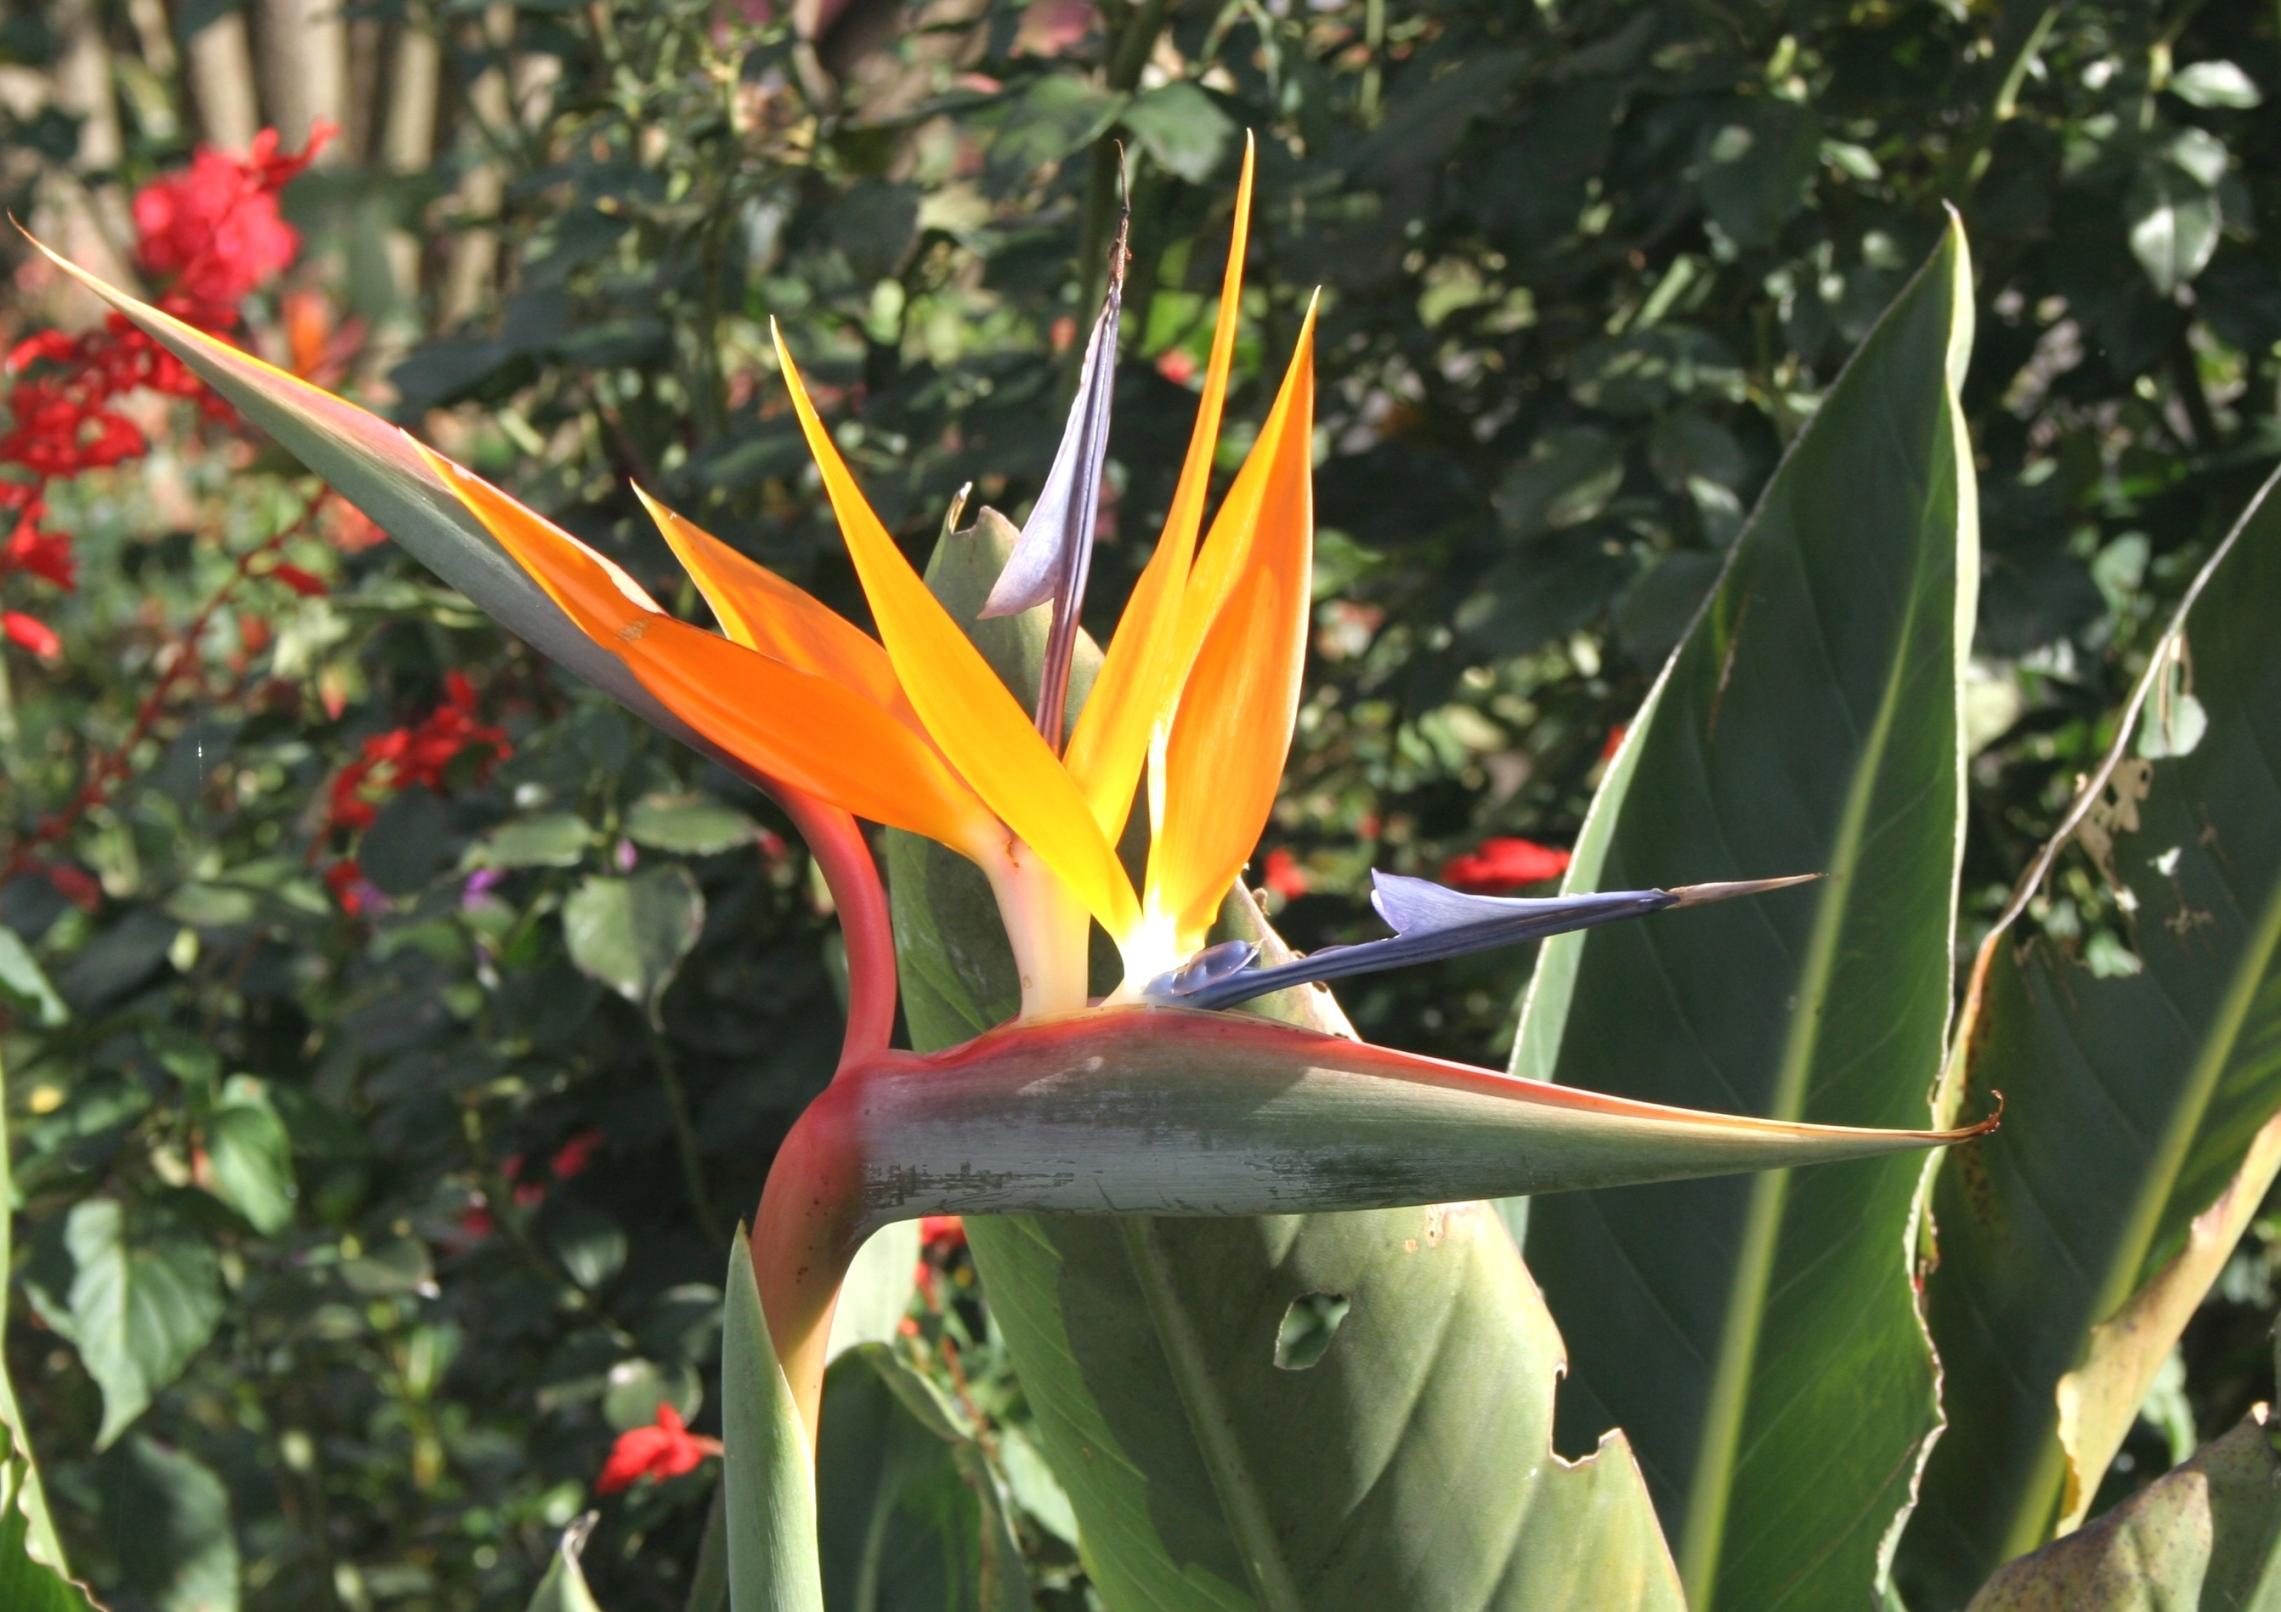 index albums photos costa rica 2008 braulio carrillo oiseau du paradis strelitzia reginae n 39 est. Black Bedroom Furniture Sets. Home Design Ideas